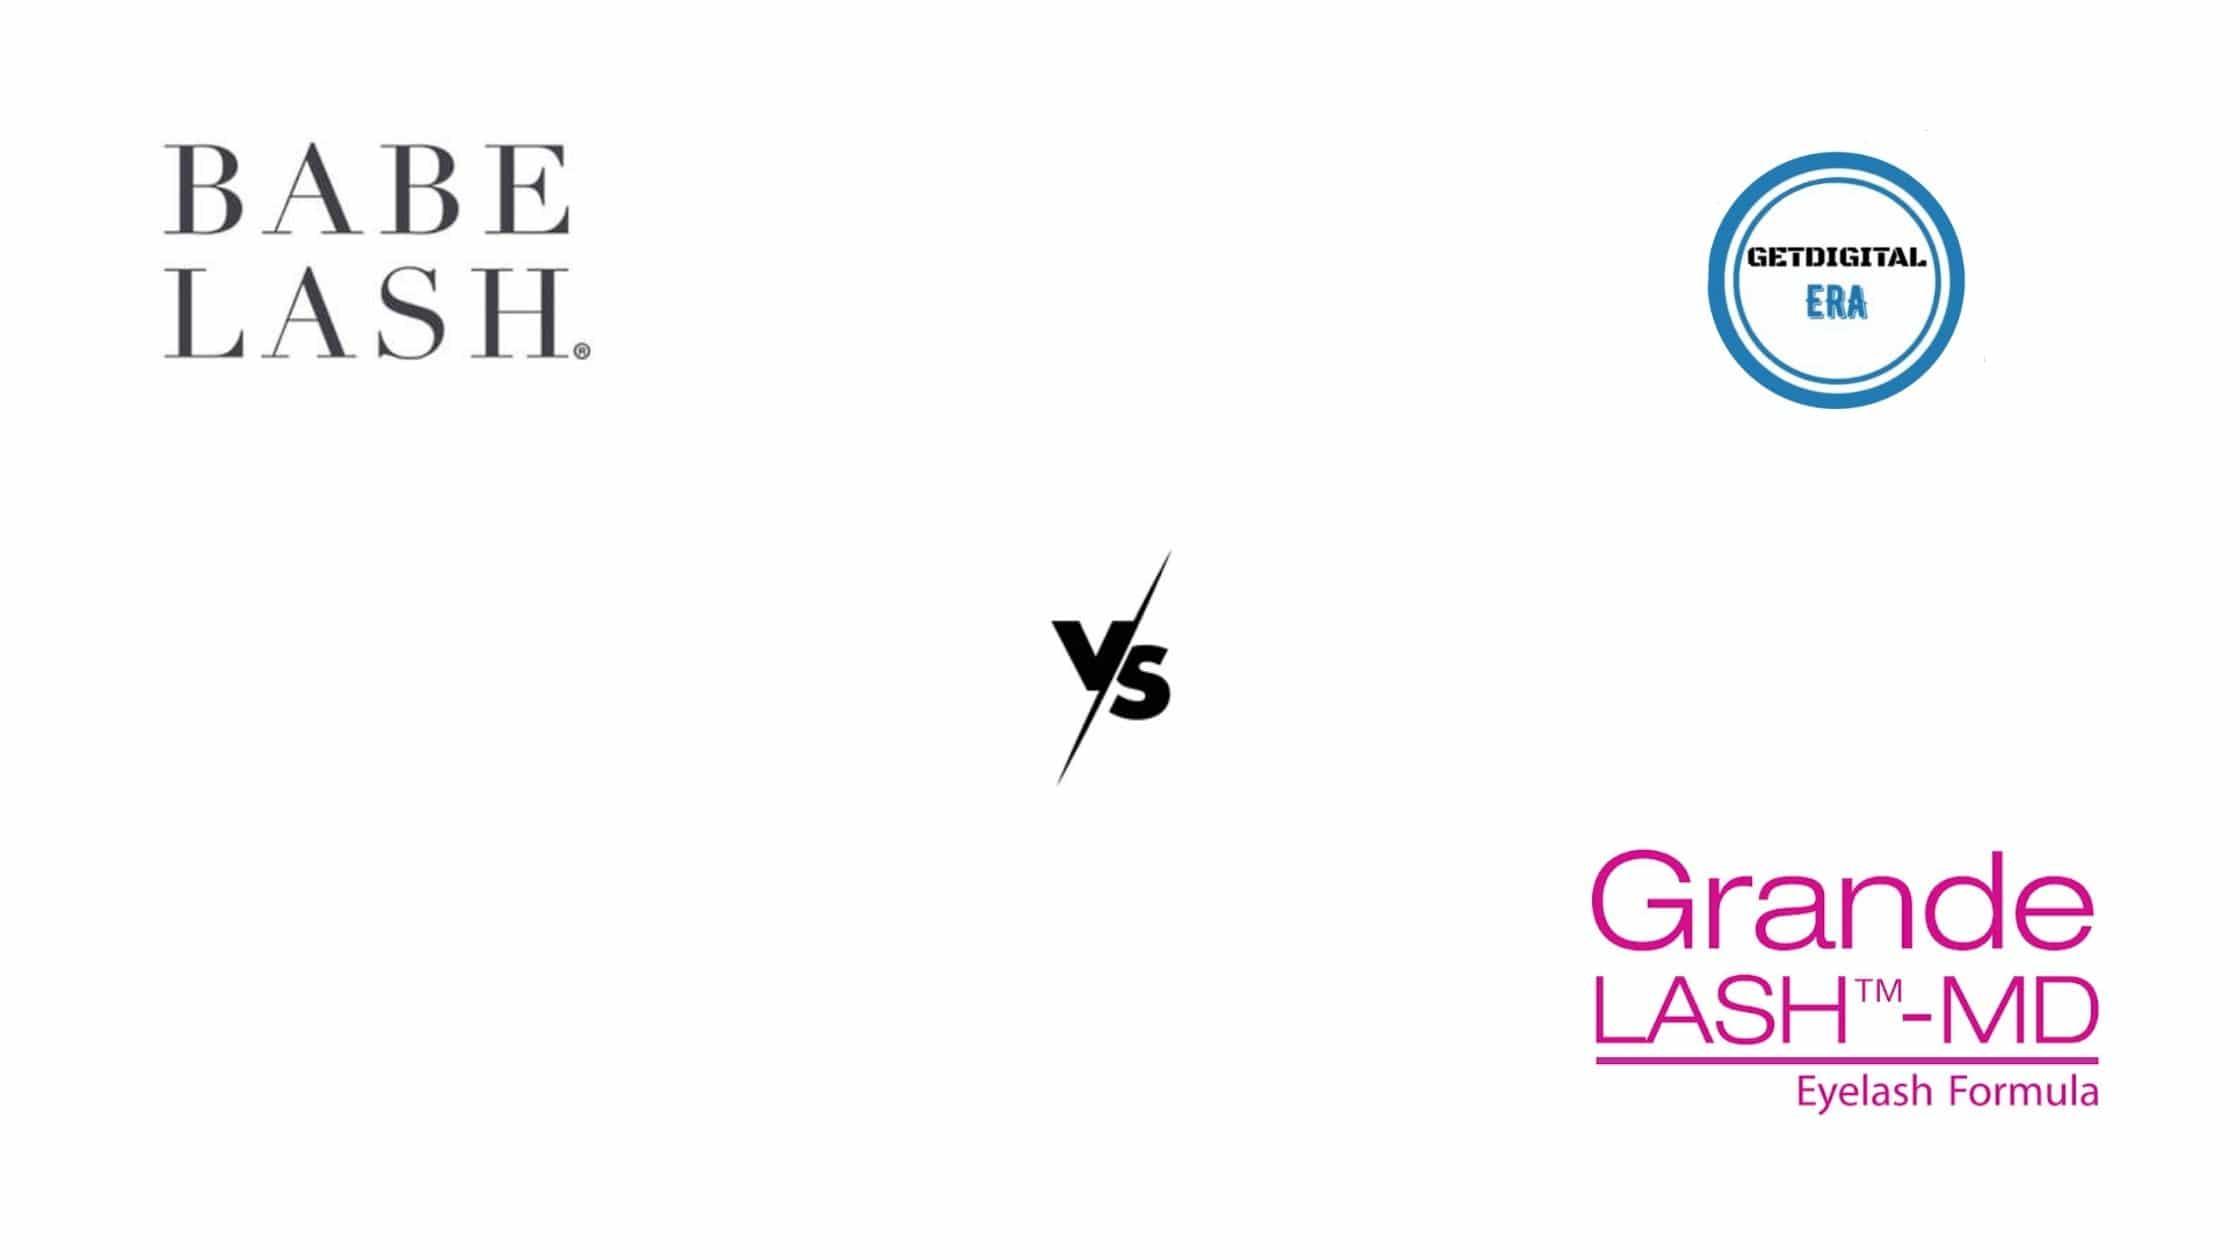 Babe Lash VS Grandelash Md